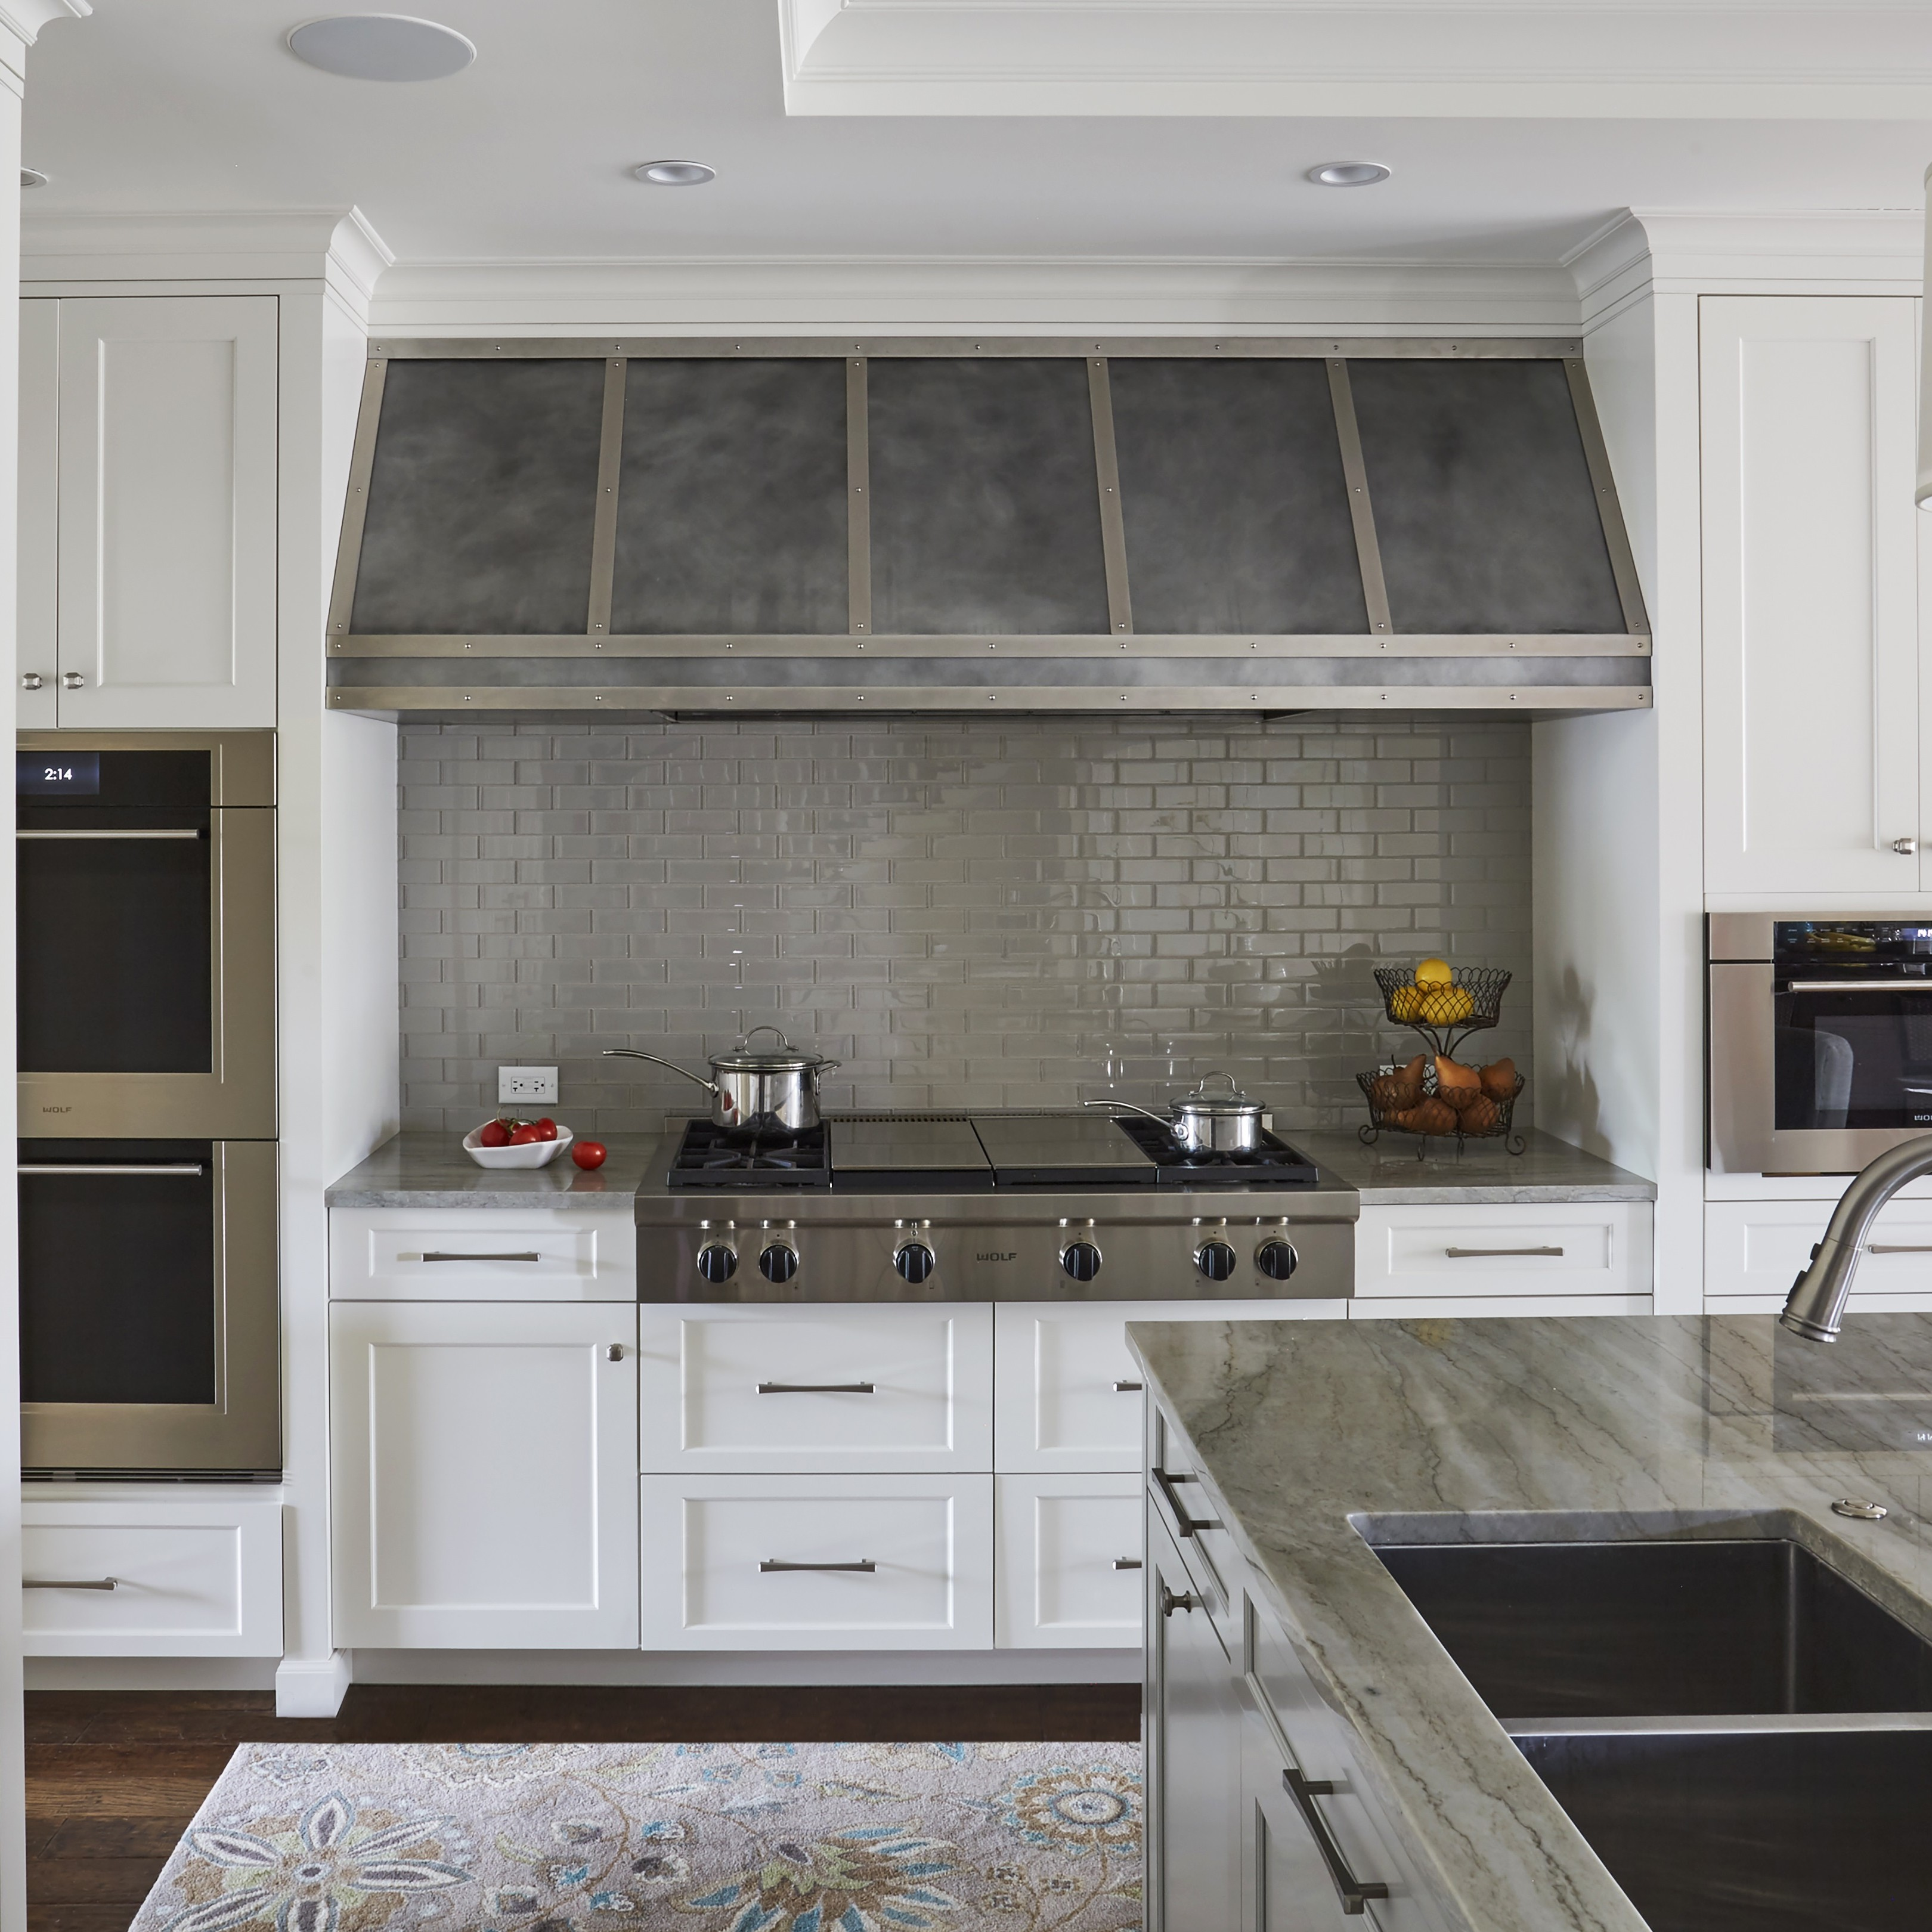 Best Kitchen Gallery: Zinc Range Hoods Custom Metal Home of Metal Kitchen Hoods on rachelxblog.com